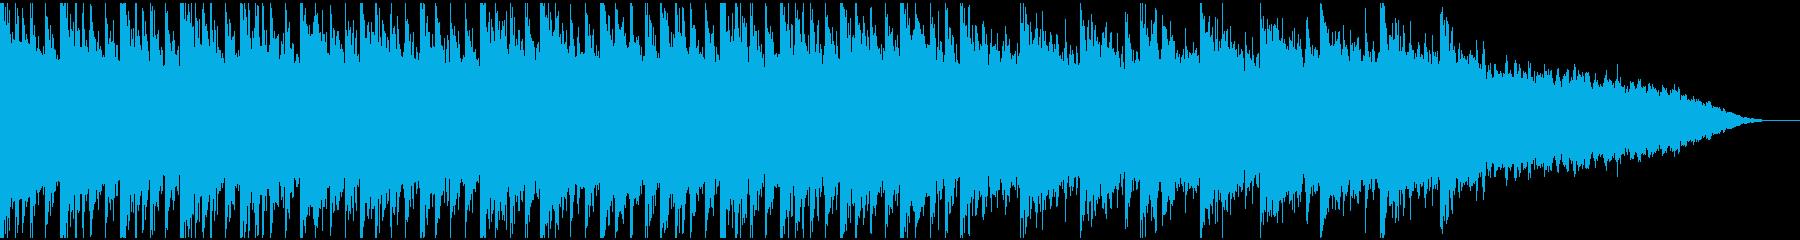 企業VP38,コーポレート,躍動感60秒の再生済みの波形